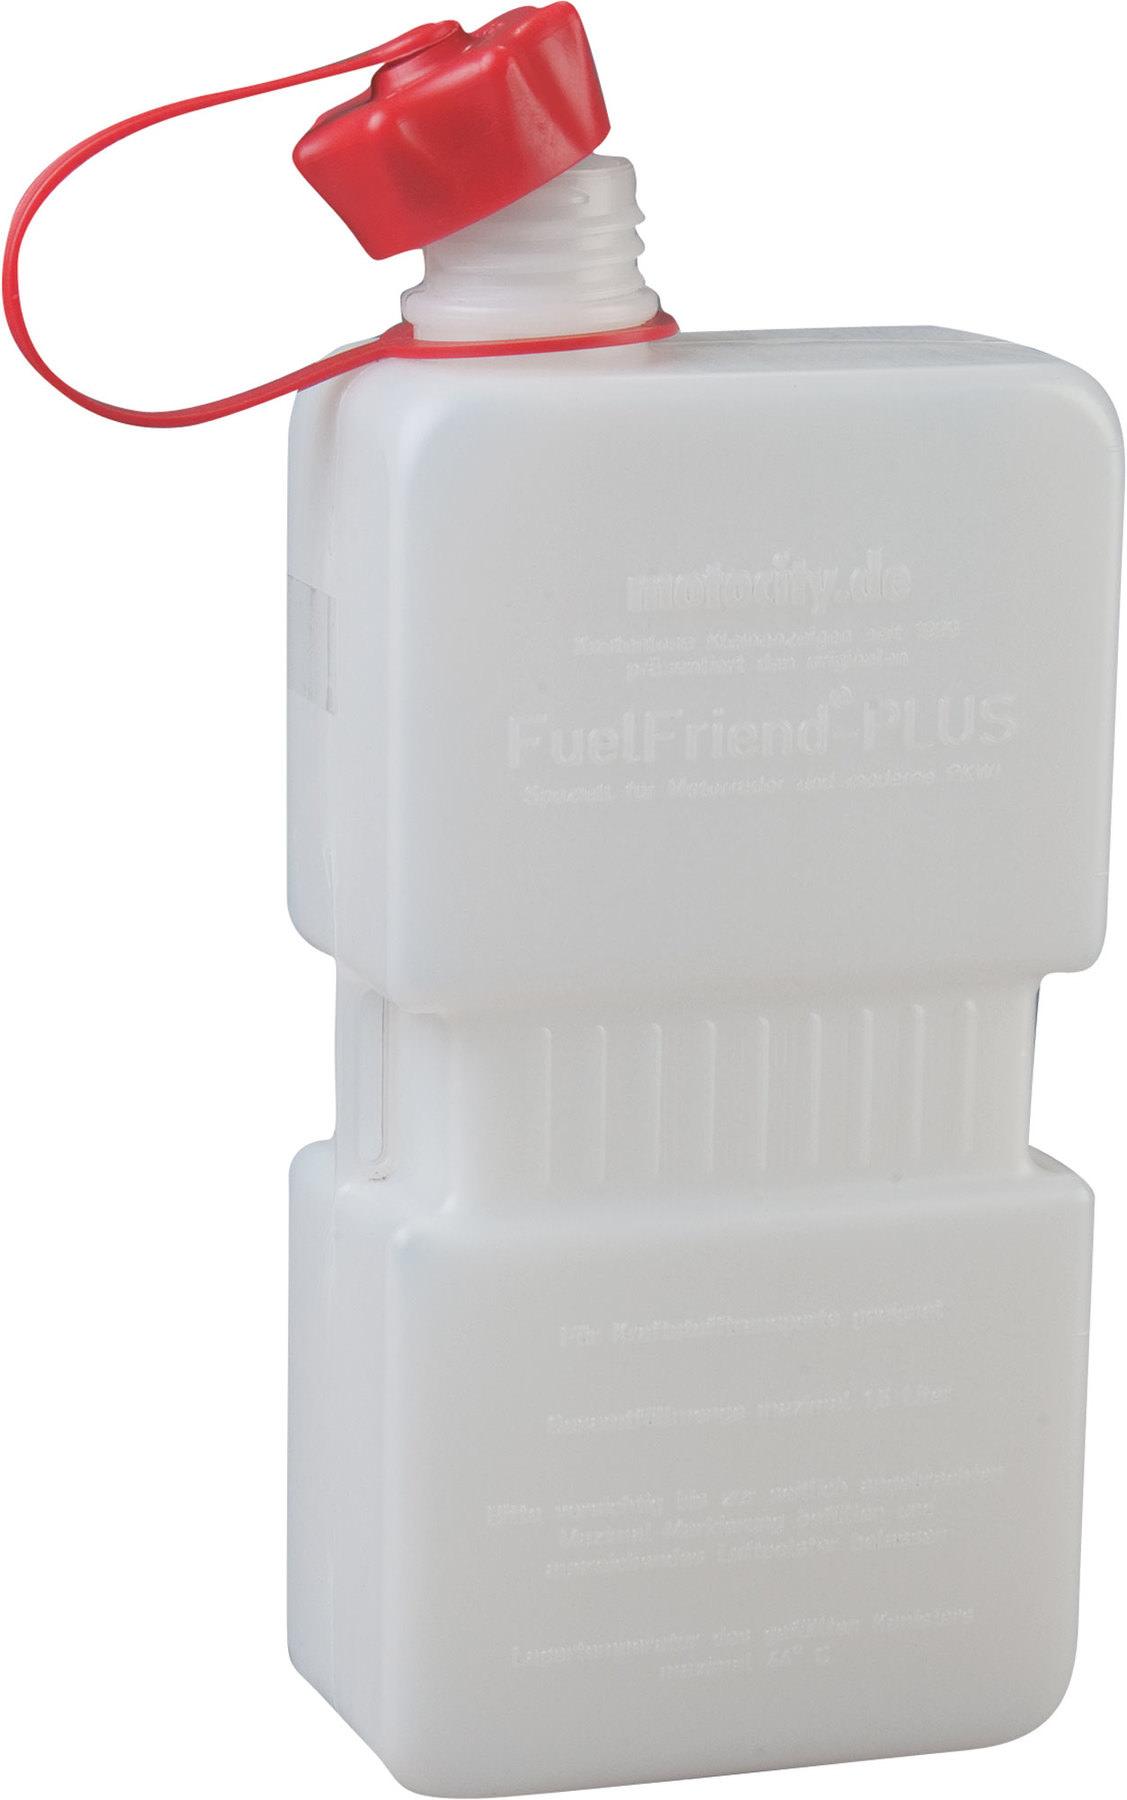 Fuelfriend plus 1,5l rouge essence bidon zapfpistolen convient//avec füllrohrset